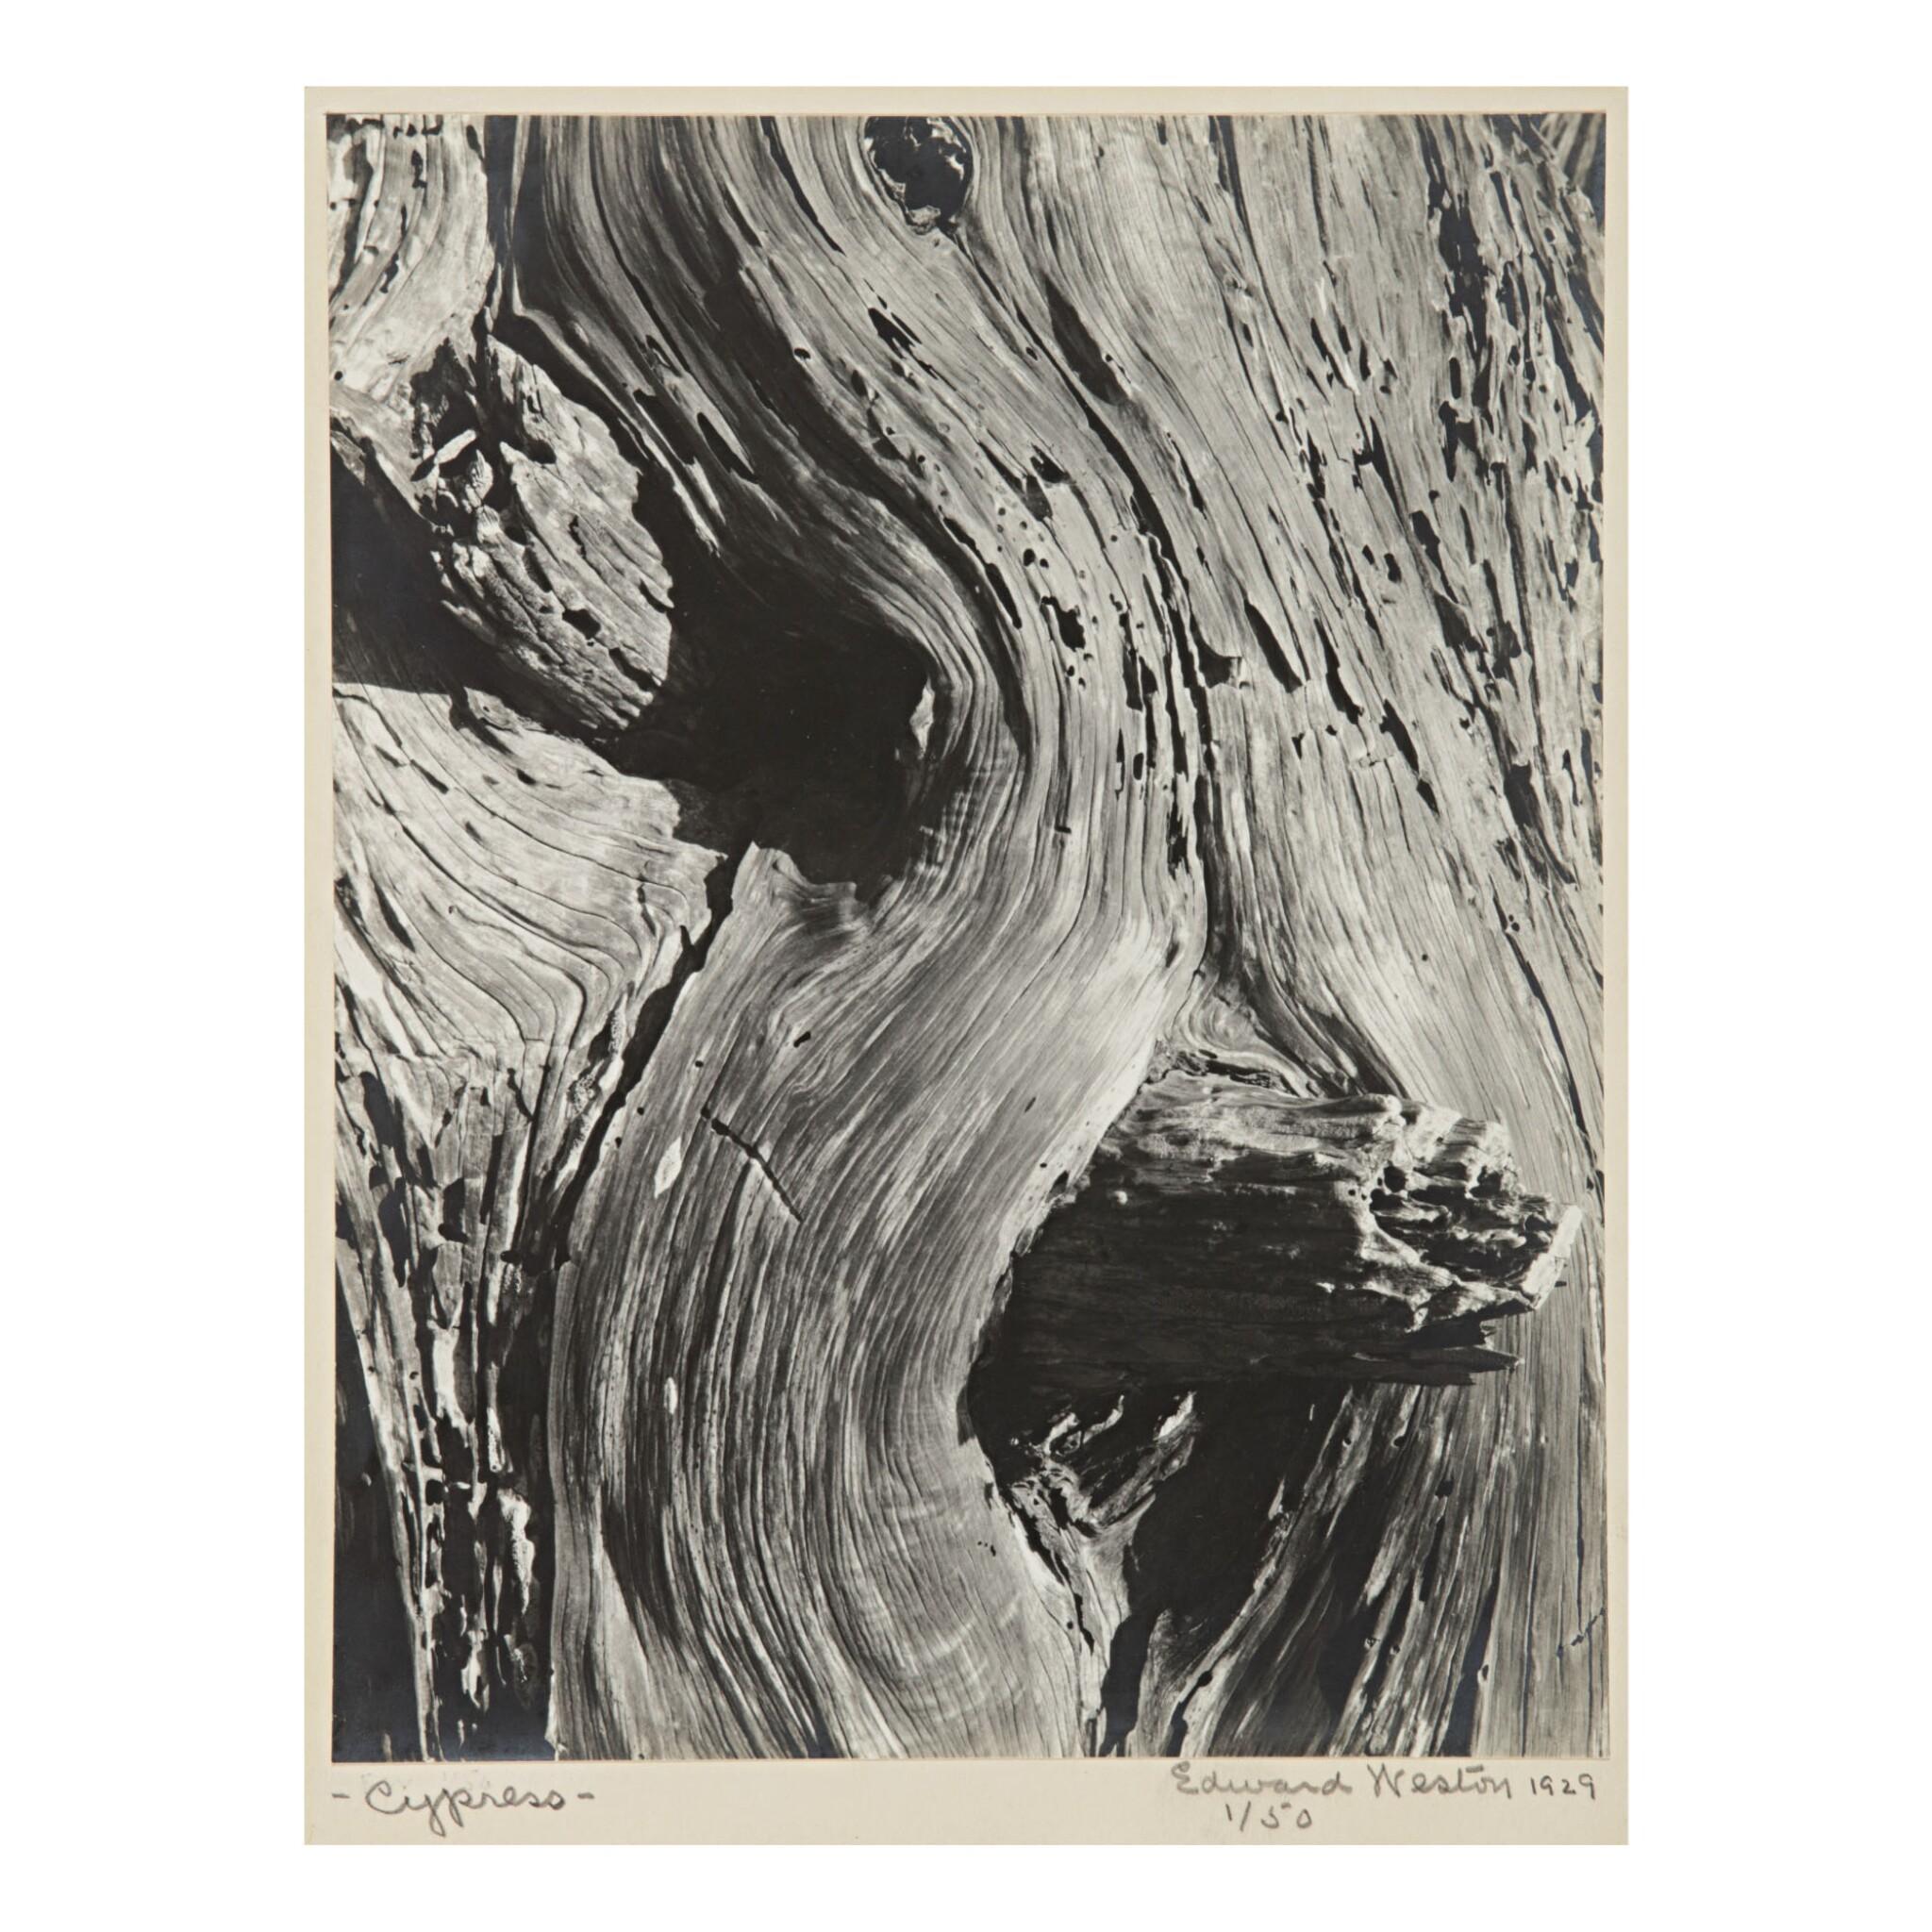 EDWARD WESTON   'CYPRESS'